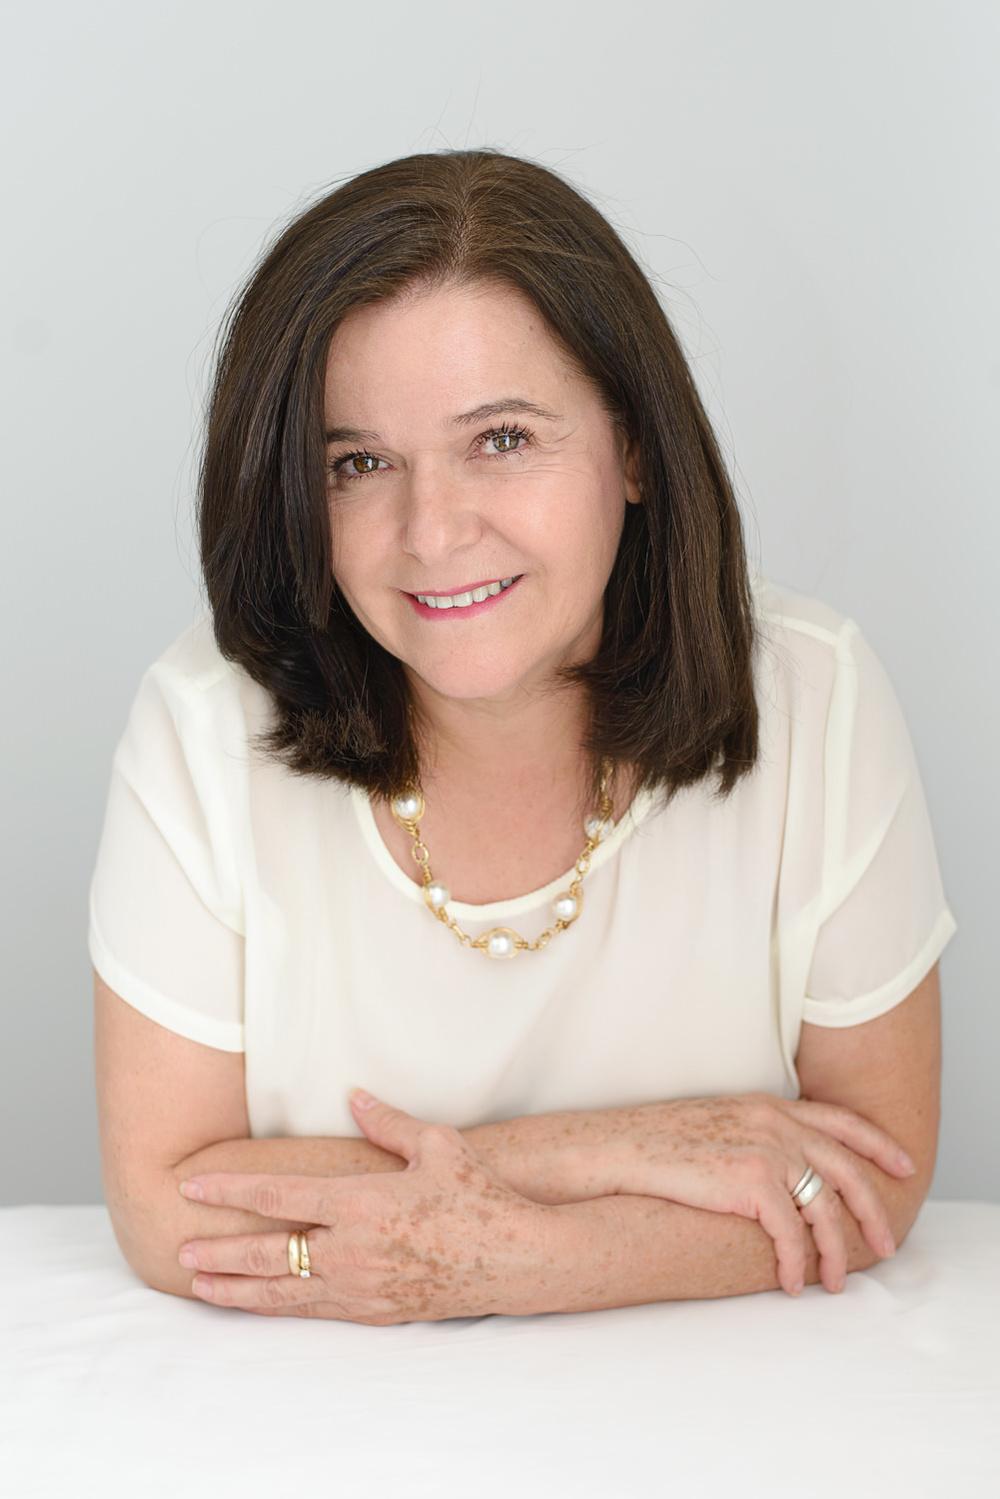 Esther-Melissa Alcantar Fotografía-Sesión de fotos en Mexicali